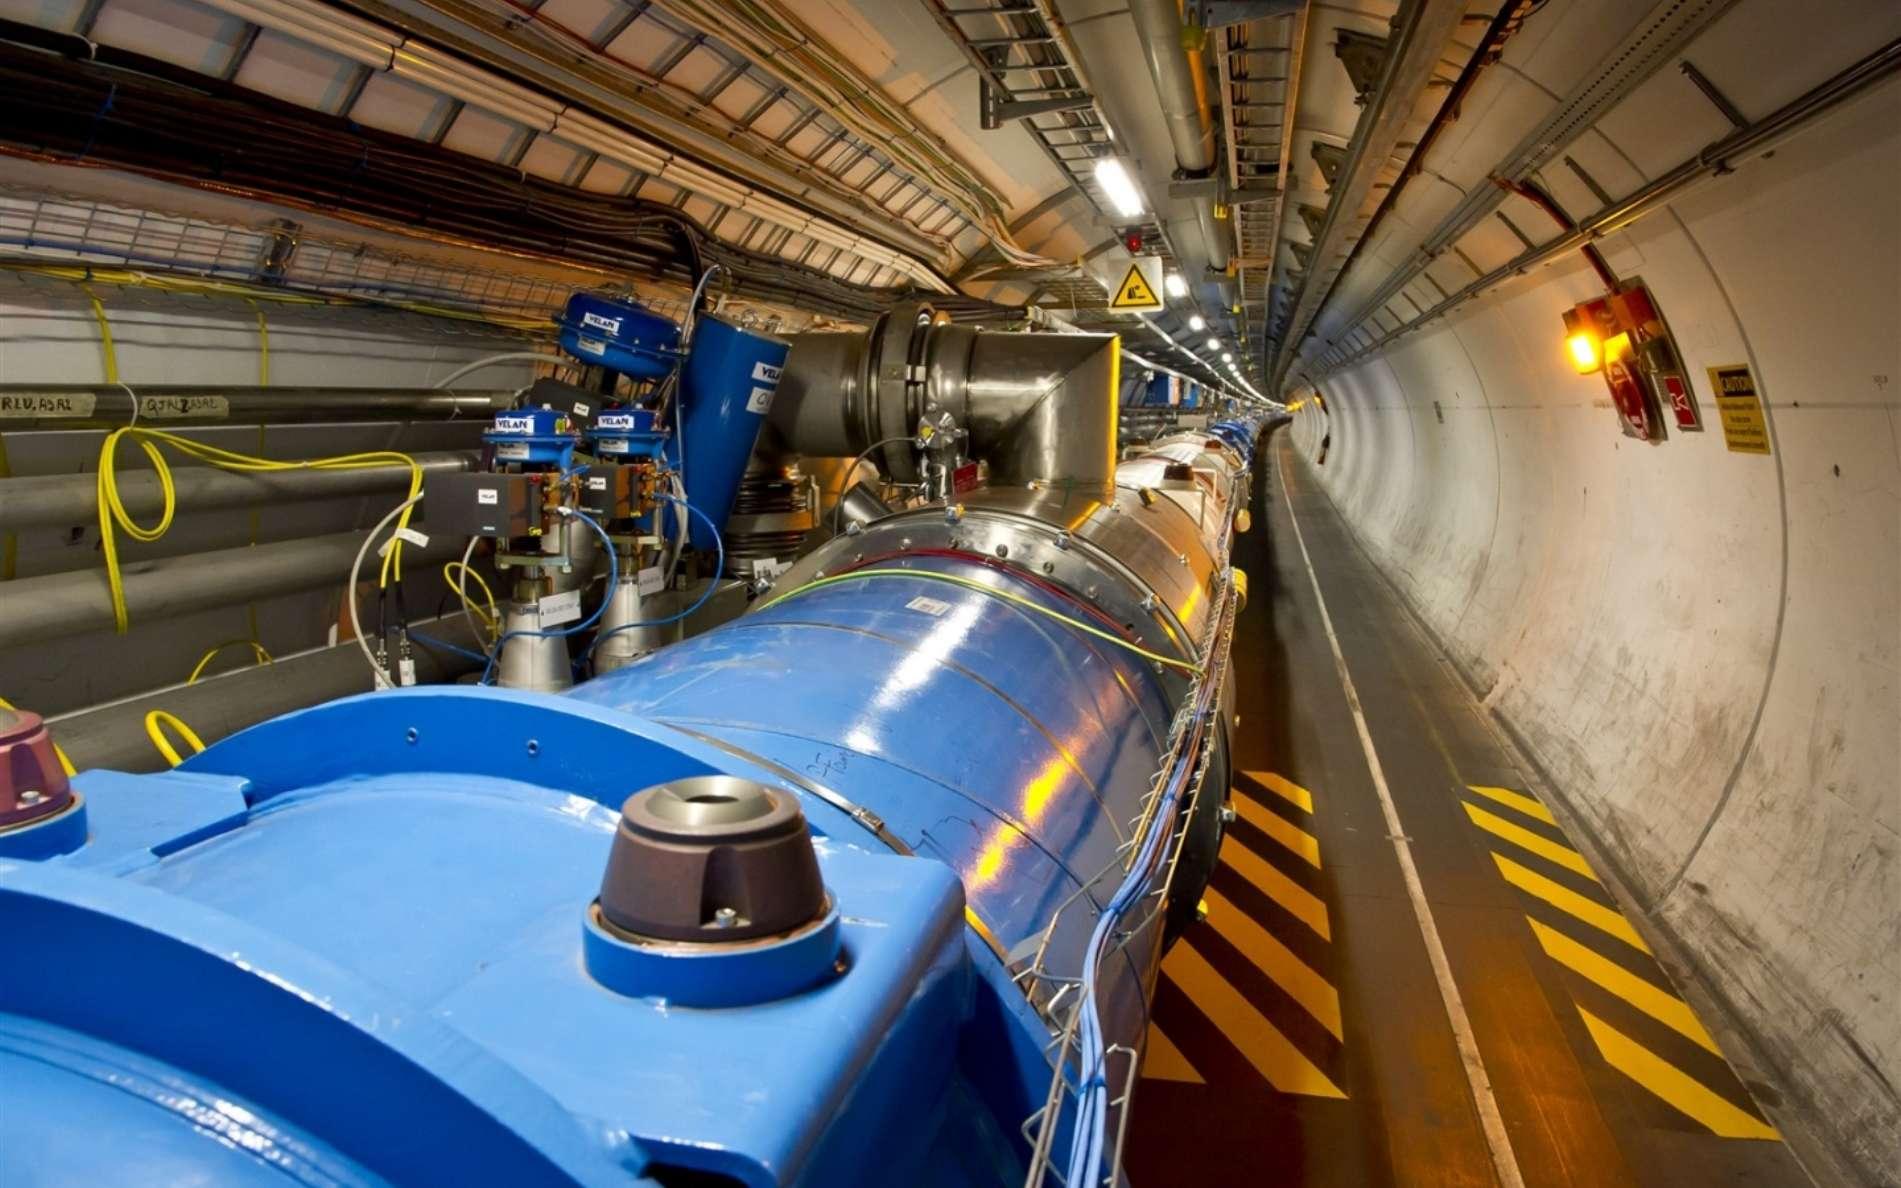 Avec le LHC, au Cern, les physiciens accélèrent des protons pour les faire entrer en collision. © Maximilien Brice, CERN